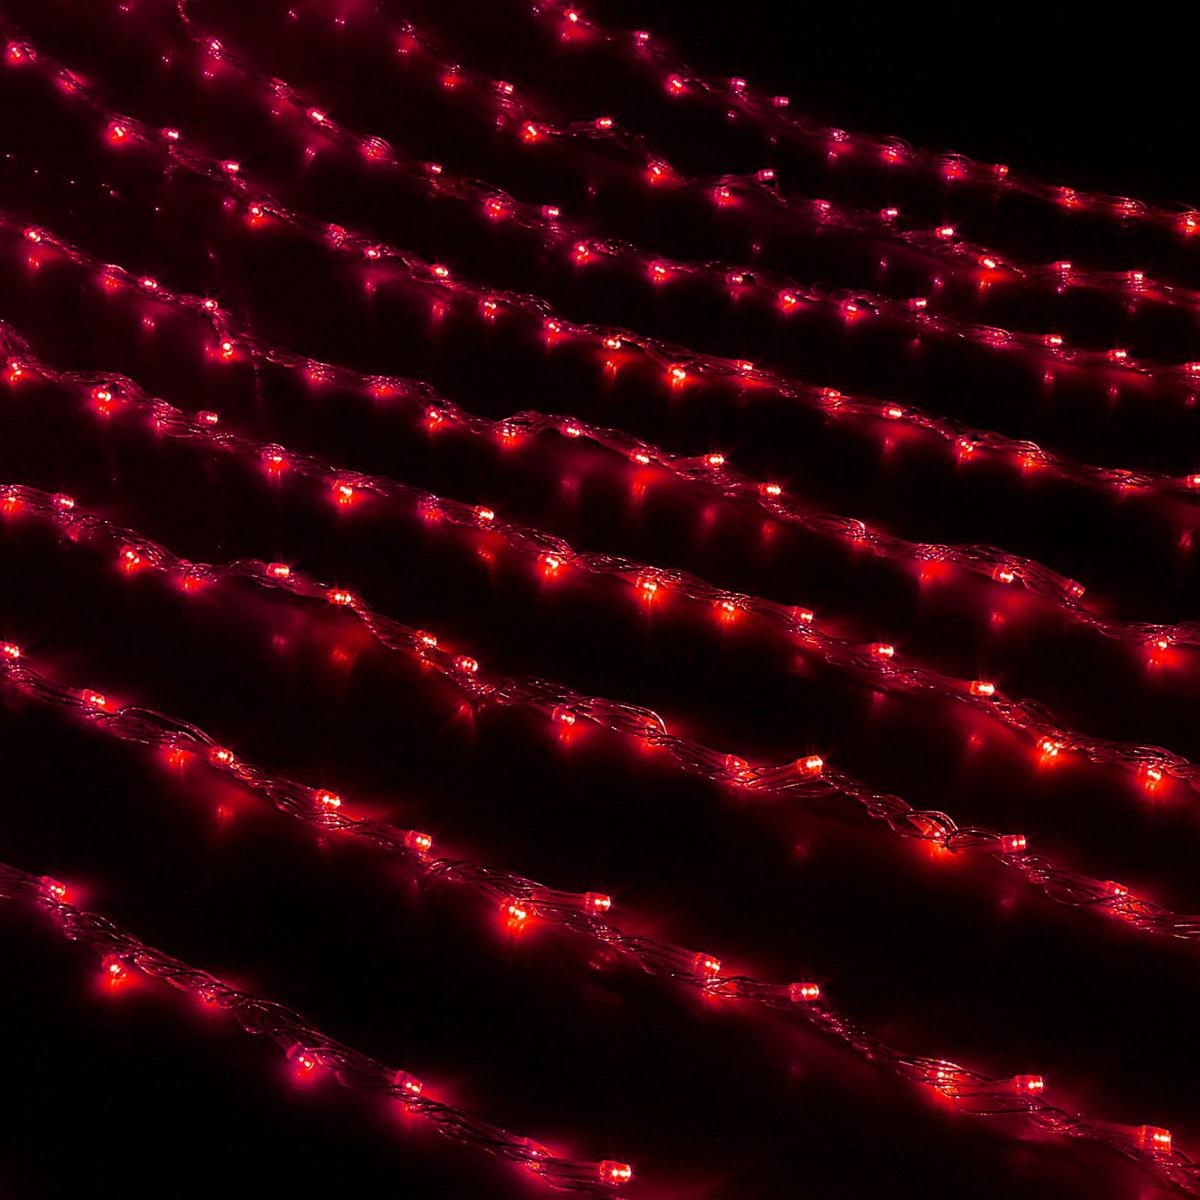 Гирлянда светодиодная Luazon Дождь, цвет: красный, 400 ламп, 8 режимов, 220 V, 2 х 1,5 м. 705962705962Гирлянда светодиодная Luazon Дождь - это отличный вариант для новогоднего оформления интерьера или фасада. С ее помощью помещение любого размера можно превратить в праздничный зал, а внешние элементы зданий, украшенные гирляндой, мгновенно станут напоминать очертания сказочного дворца. Такое украшение создаст ауру предвкушения чуда. Деревья, фасады, витрины, окна и арки будто специально созданы, чтобы вы украсили их светящимися нитями.